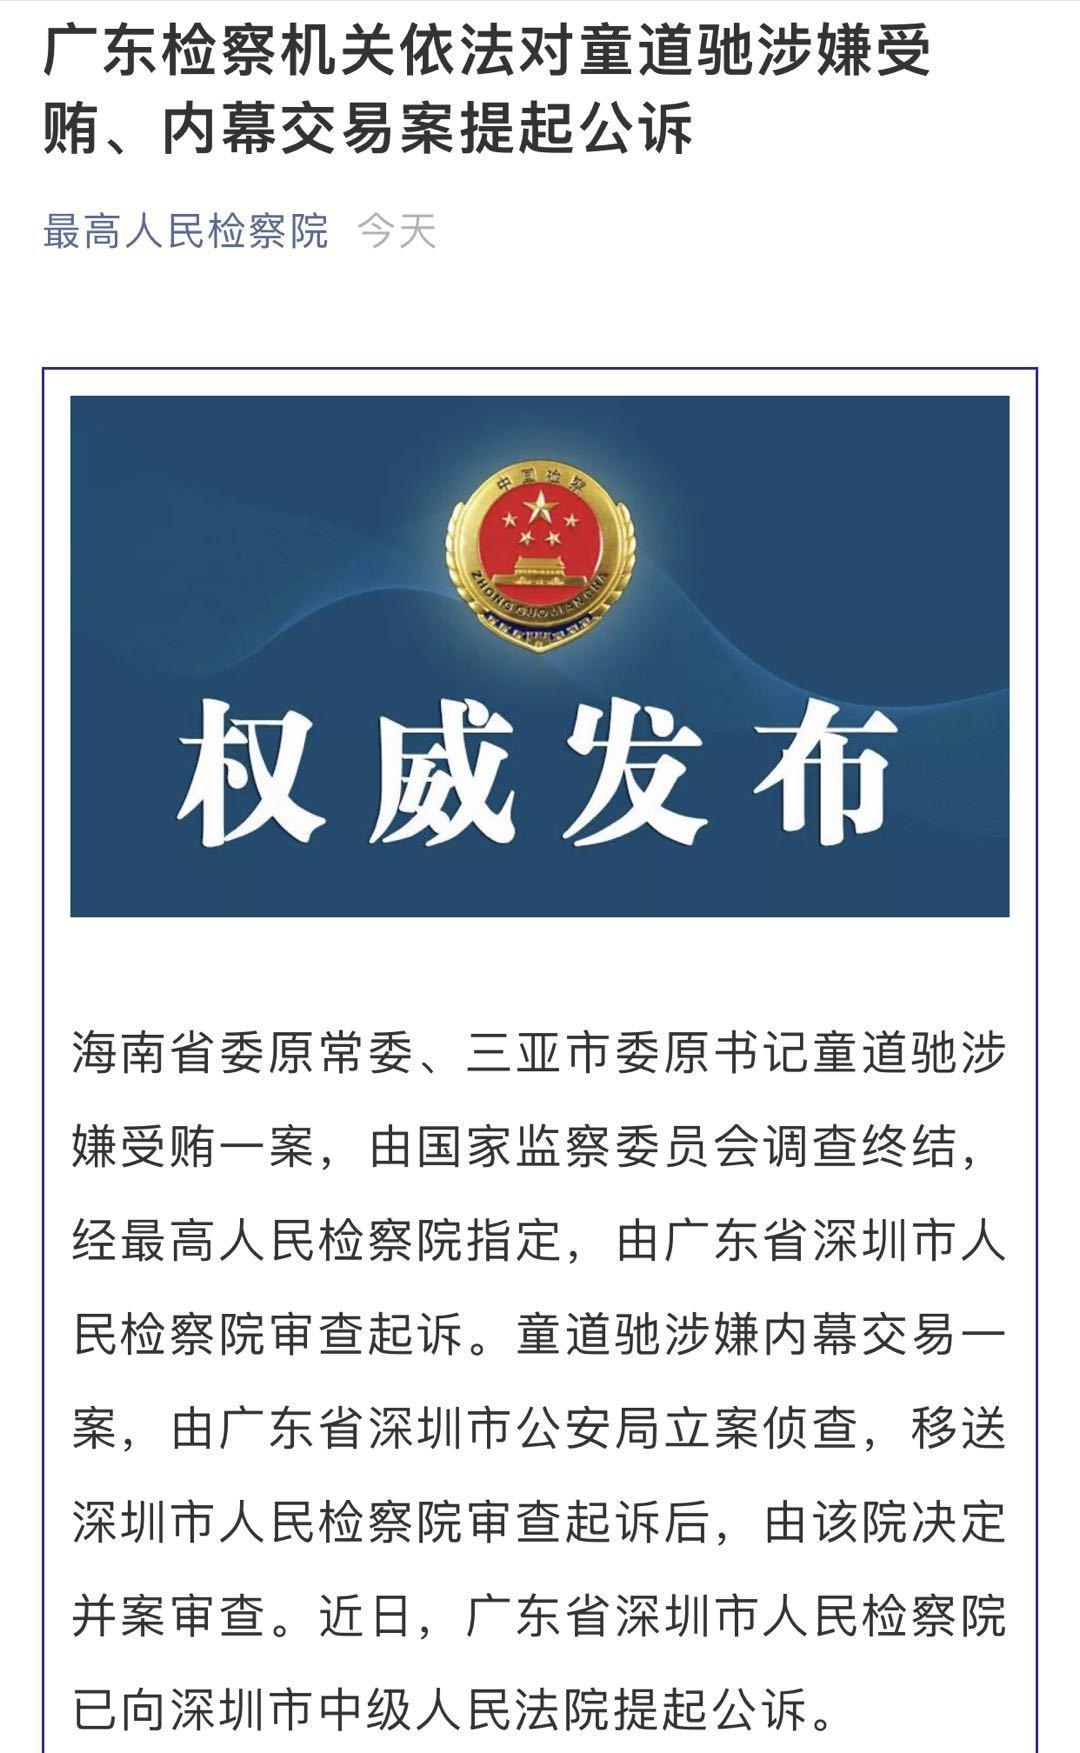 天游平台注册地址涉受贿罪、内幕交易罪,三亚市委原书记童道驰被提起公诉,曾在证监会任职十多年